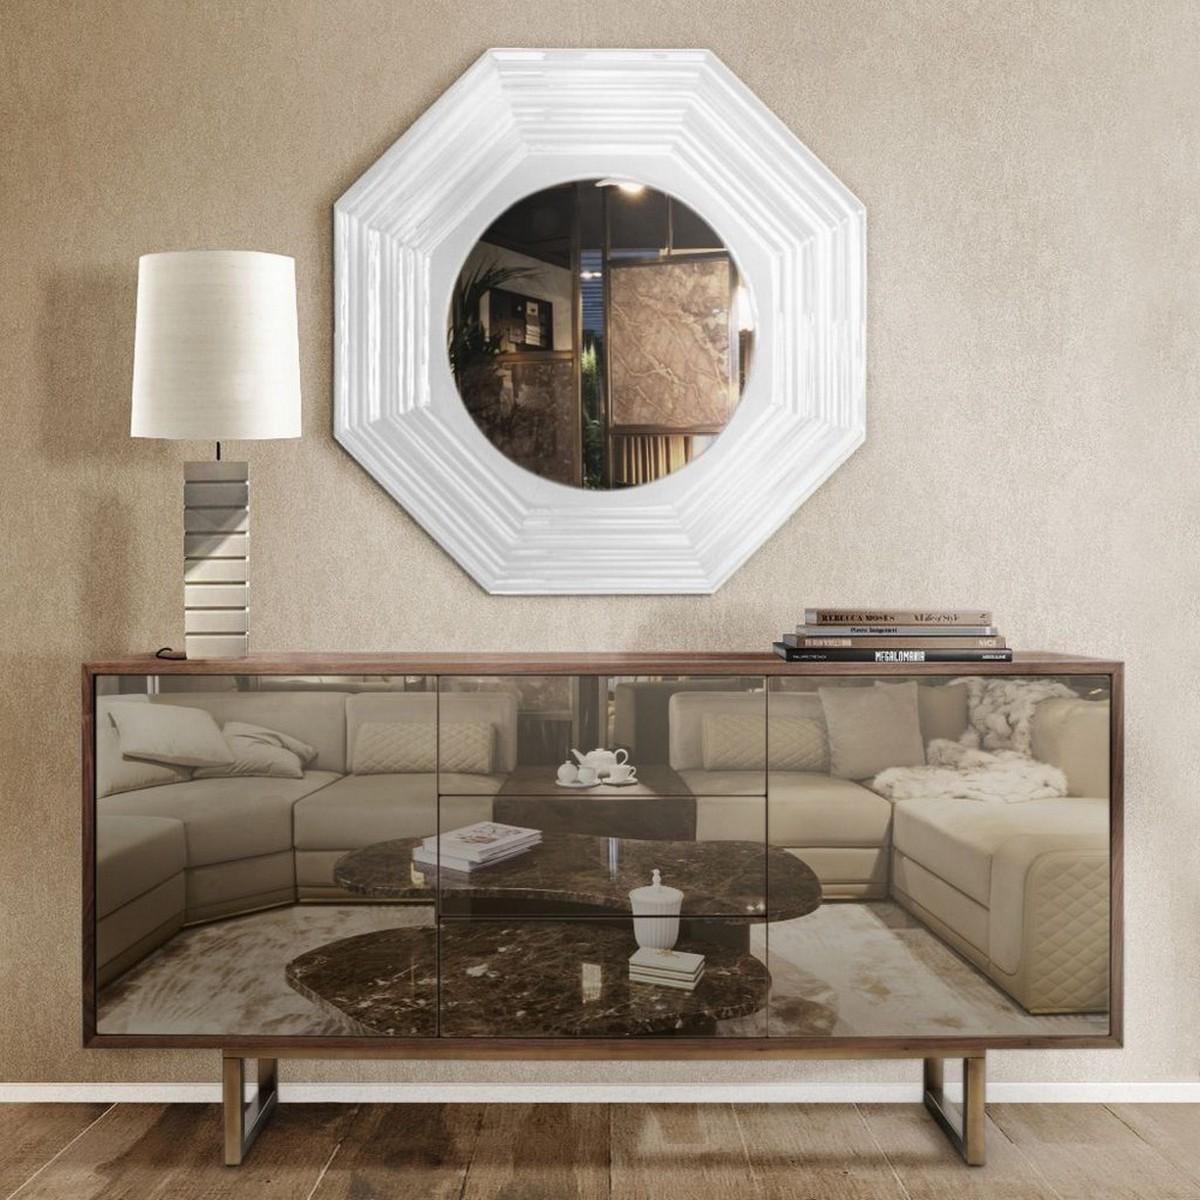 Diseño de Interiores: 5 Espejos para conjugar con un aparador lujuoso diseño de interiores Diseño de Interiores: 5 Espejos para conjugar con un aparador lujuoso AnqaV9 A